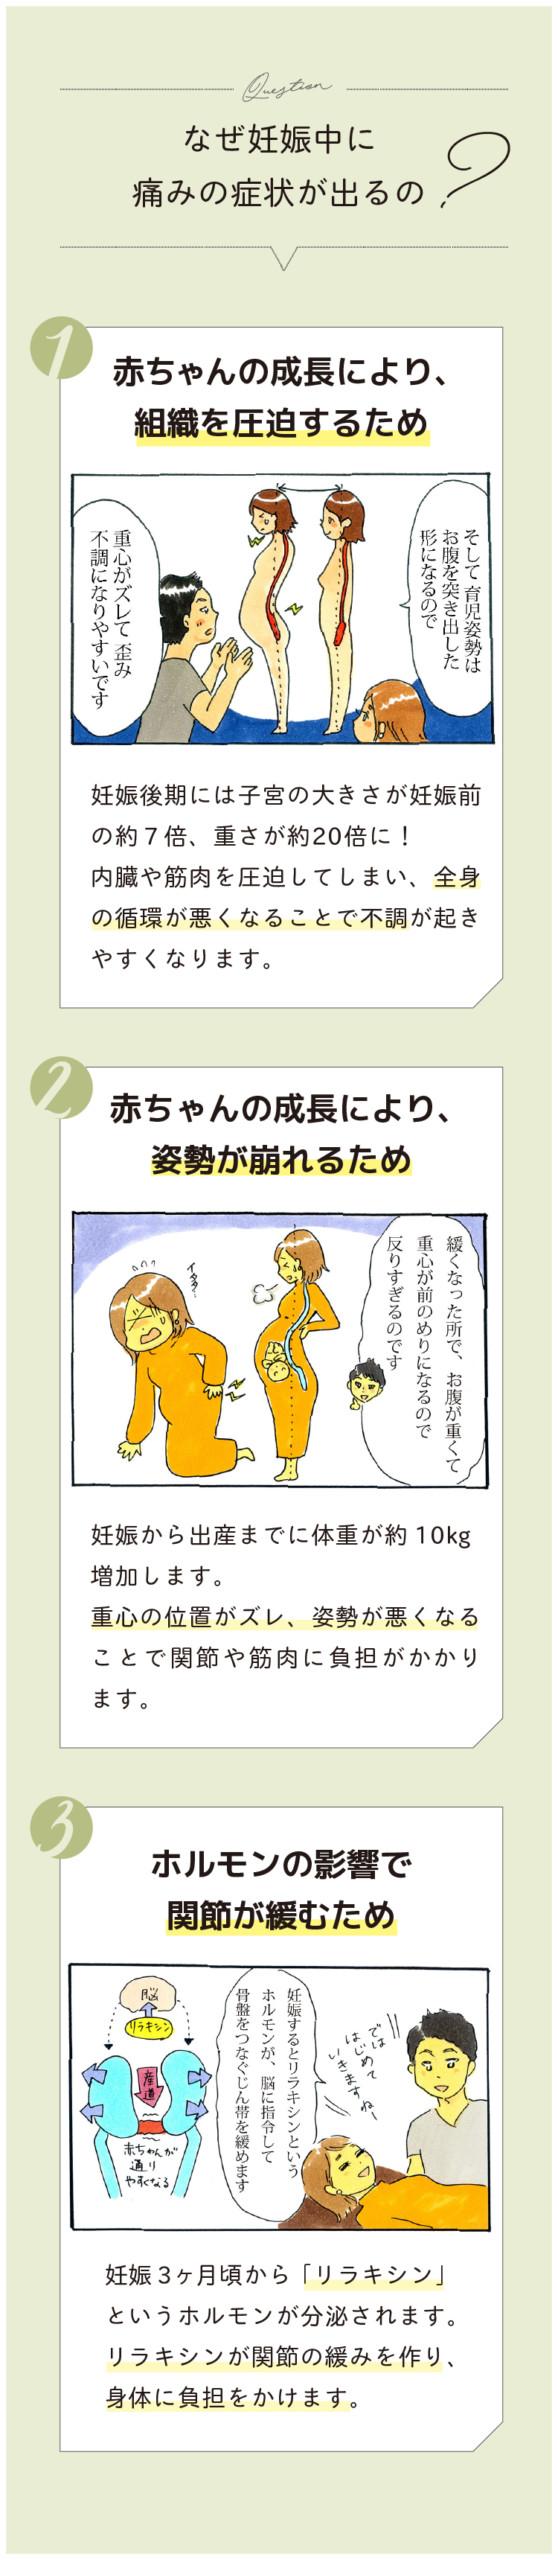 産後整体,妊婦整体,なぜ痛みの症状が出るのか,整体サロンリフラ,リフラ,整体サロンrefla,refla,鎌ヶ谷,プライベートサロン,スマートフォン用の画像